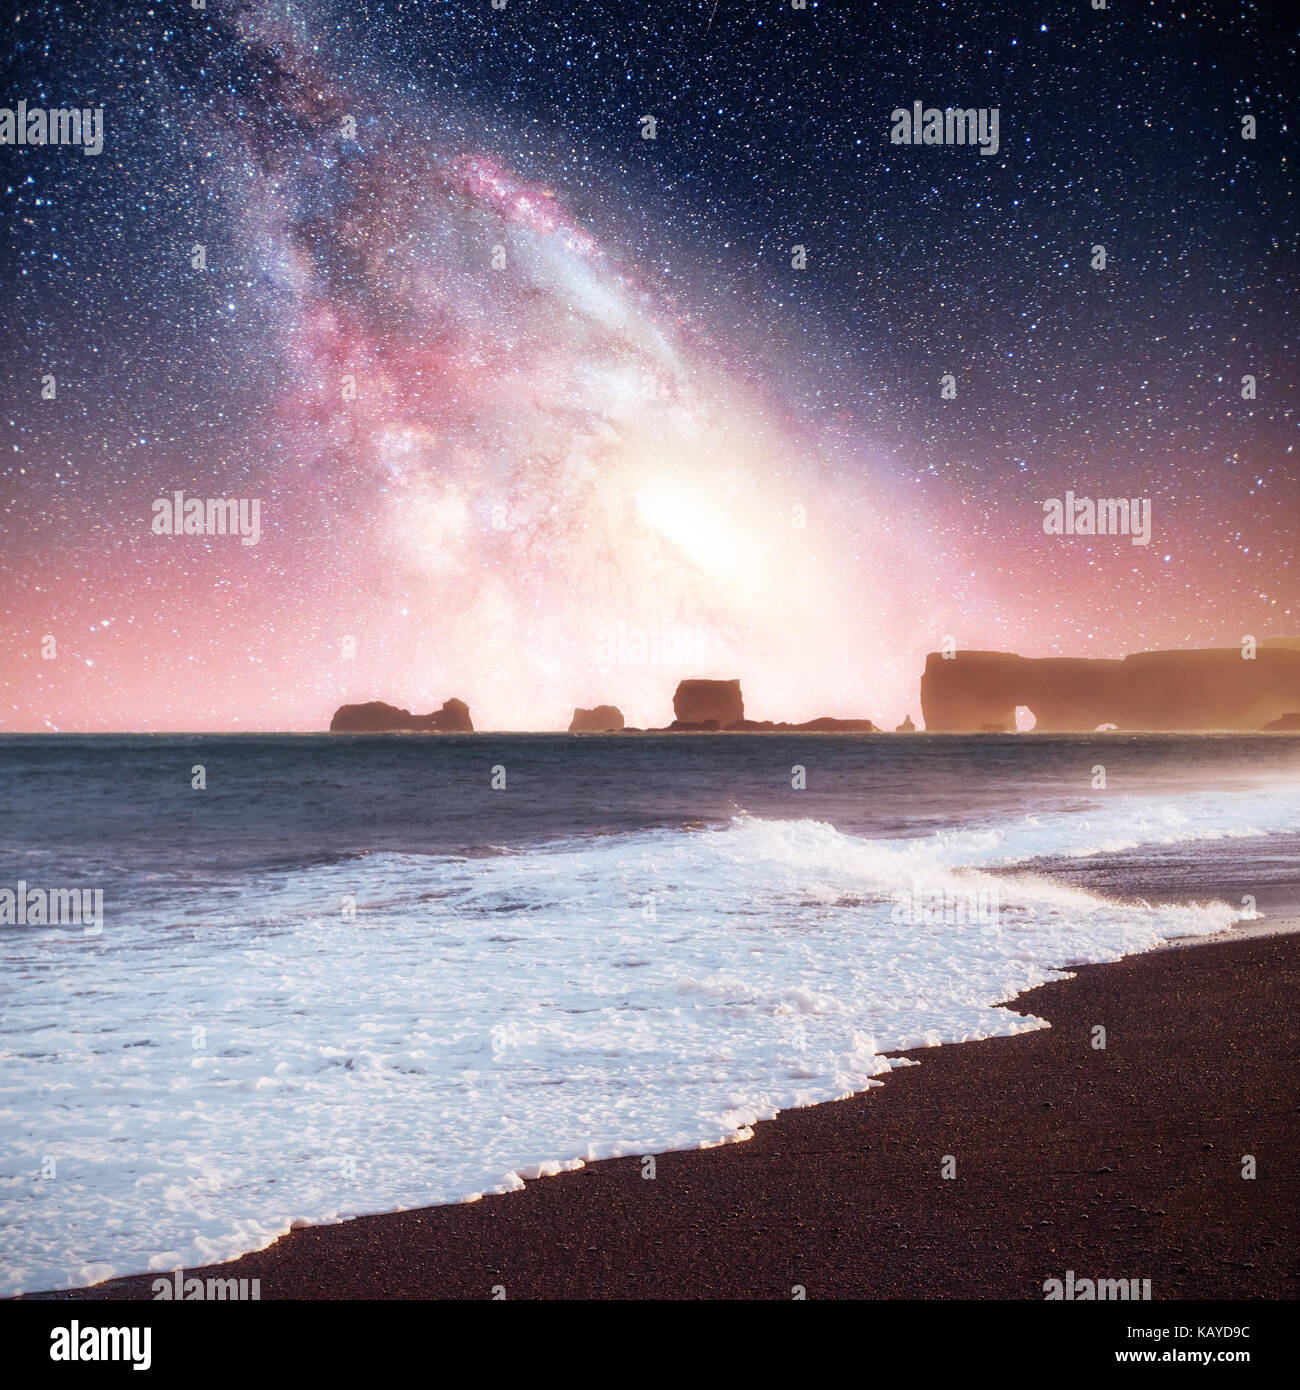 Ciel étoilé dans un spectaculaire rocher dans la mer sur la côte nord de l'Islande. légendes Photo Stock